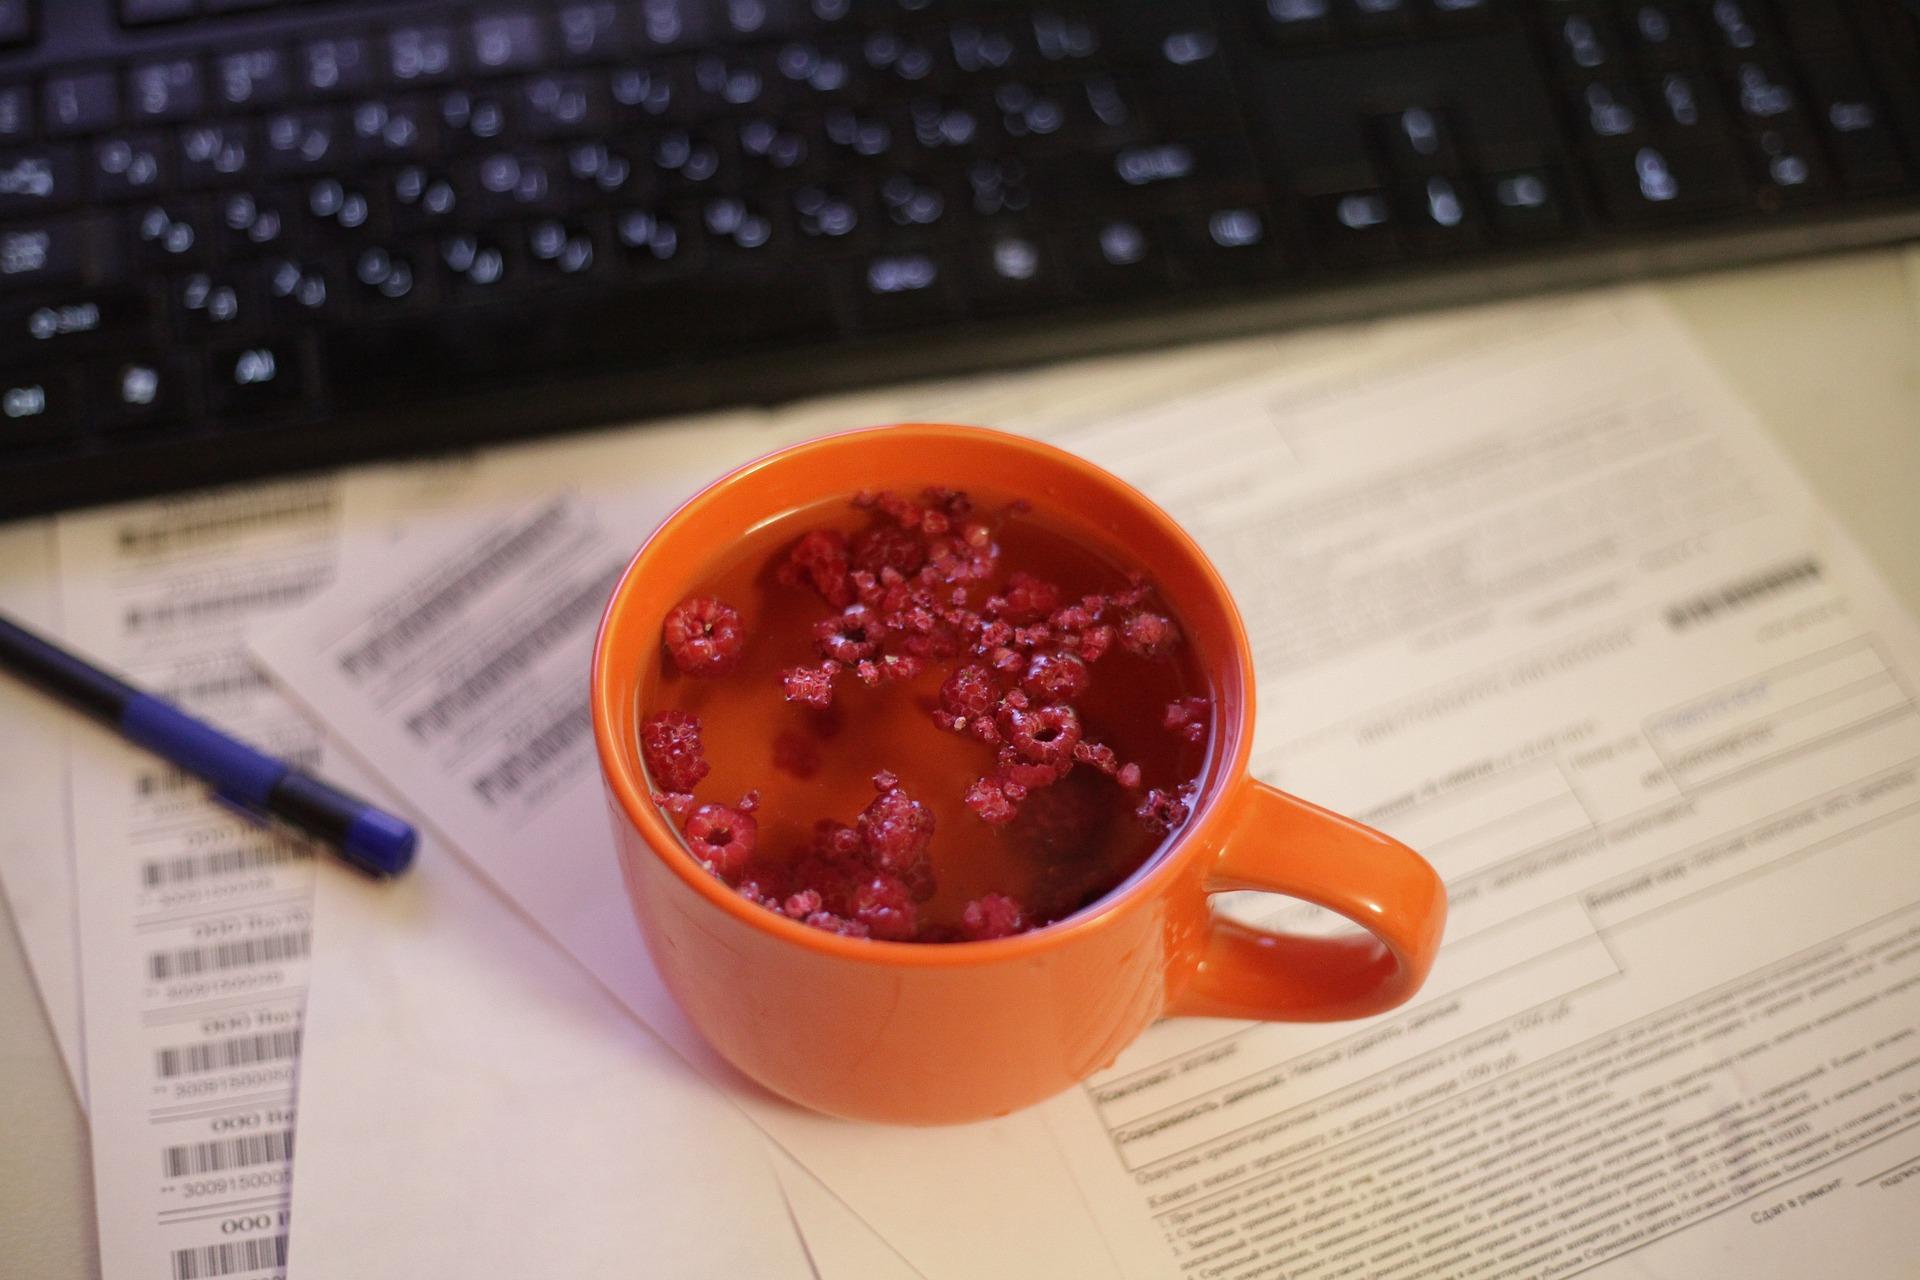 Pečené čaje: nejsou už úplnou novinkou, přesto zahřejí u srdce